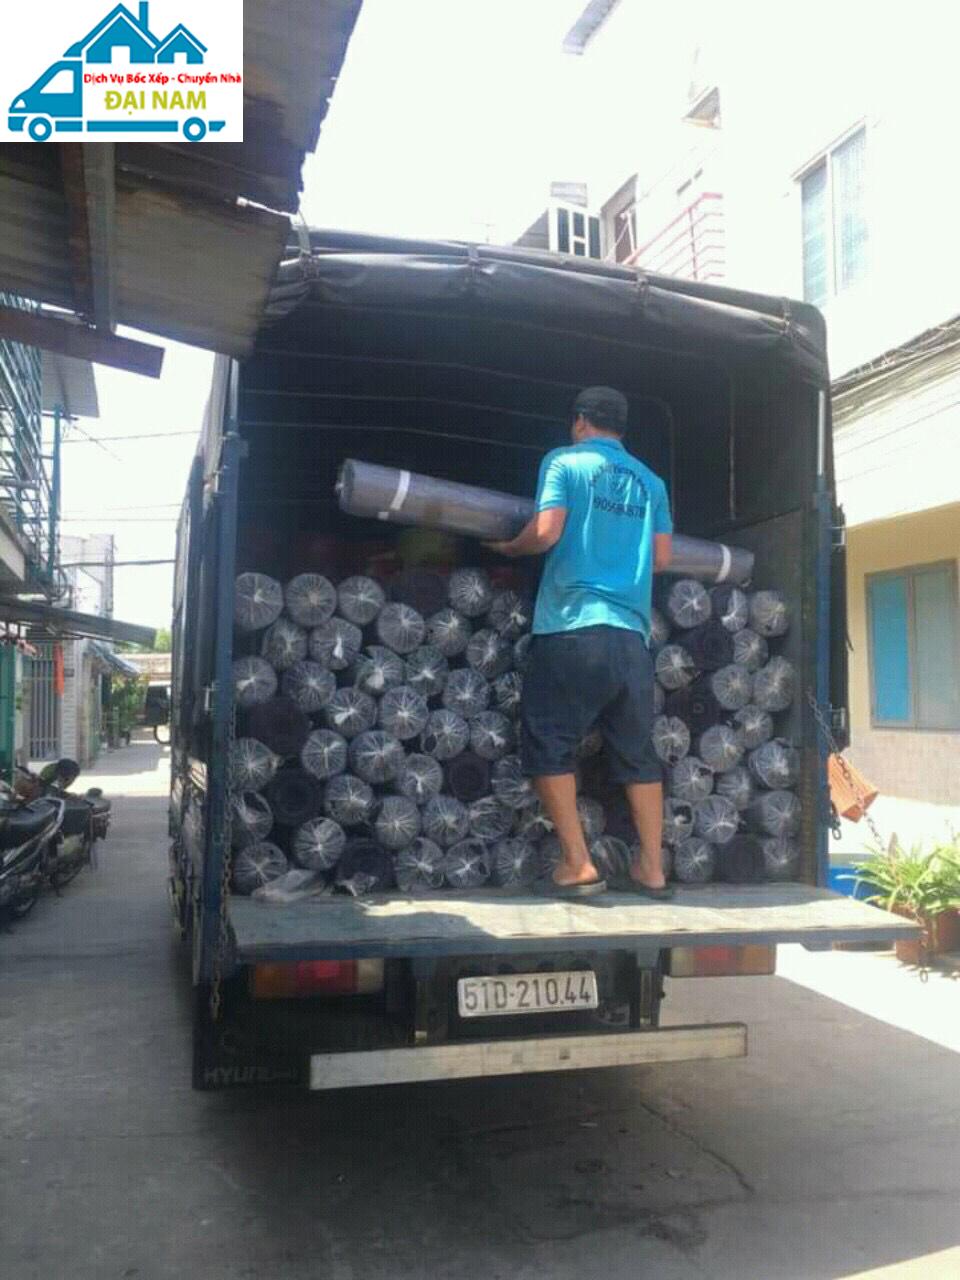 Dịch vụ bốc xếp hàng hóa quận Bình Thạnh